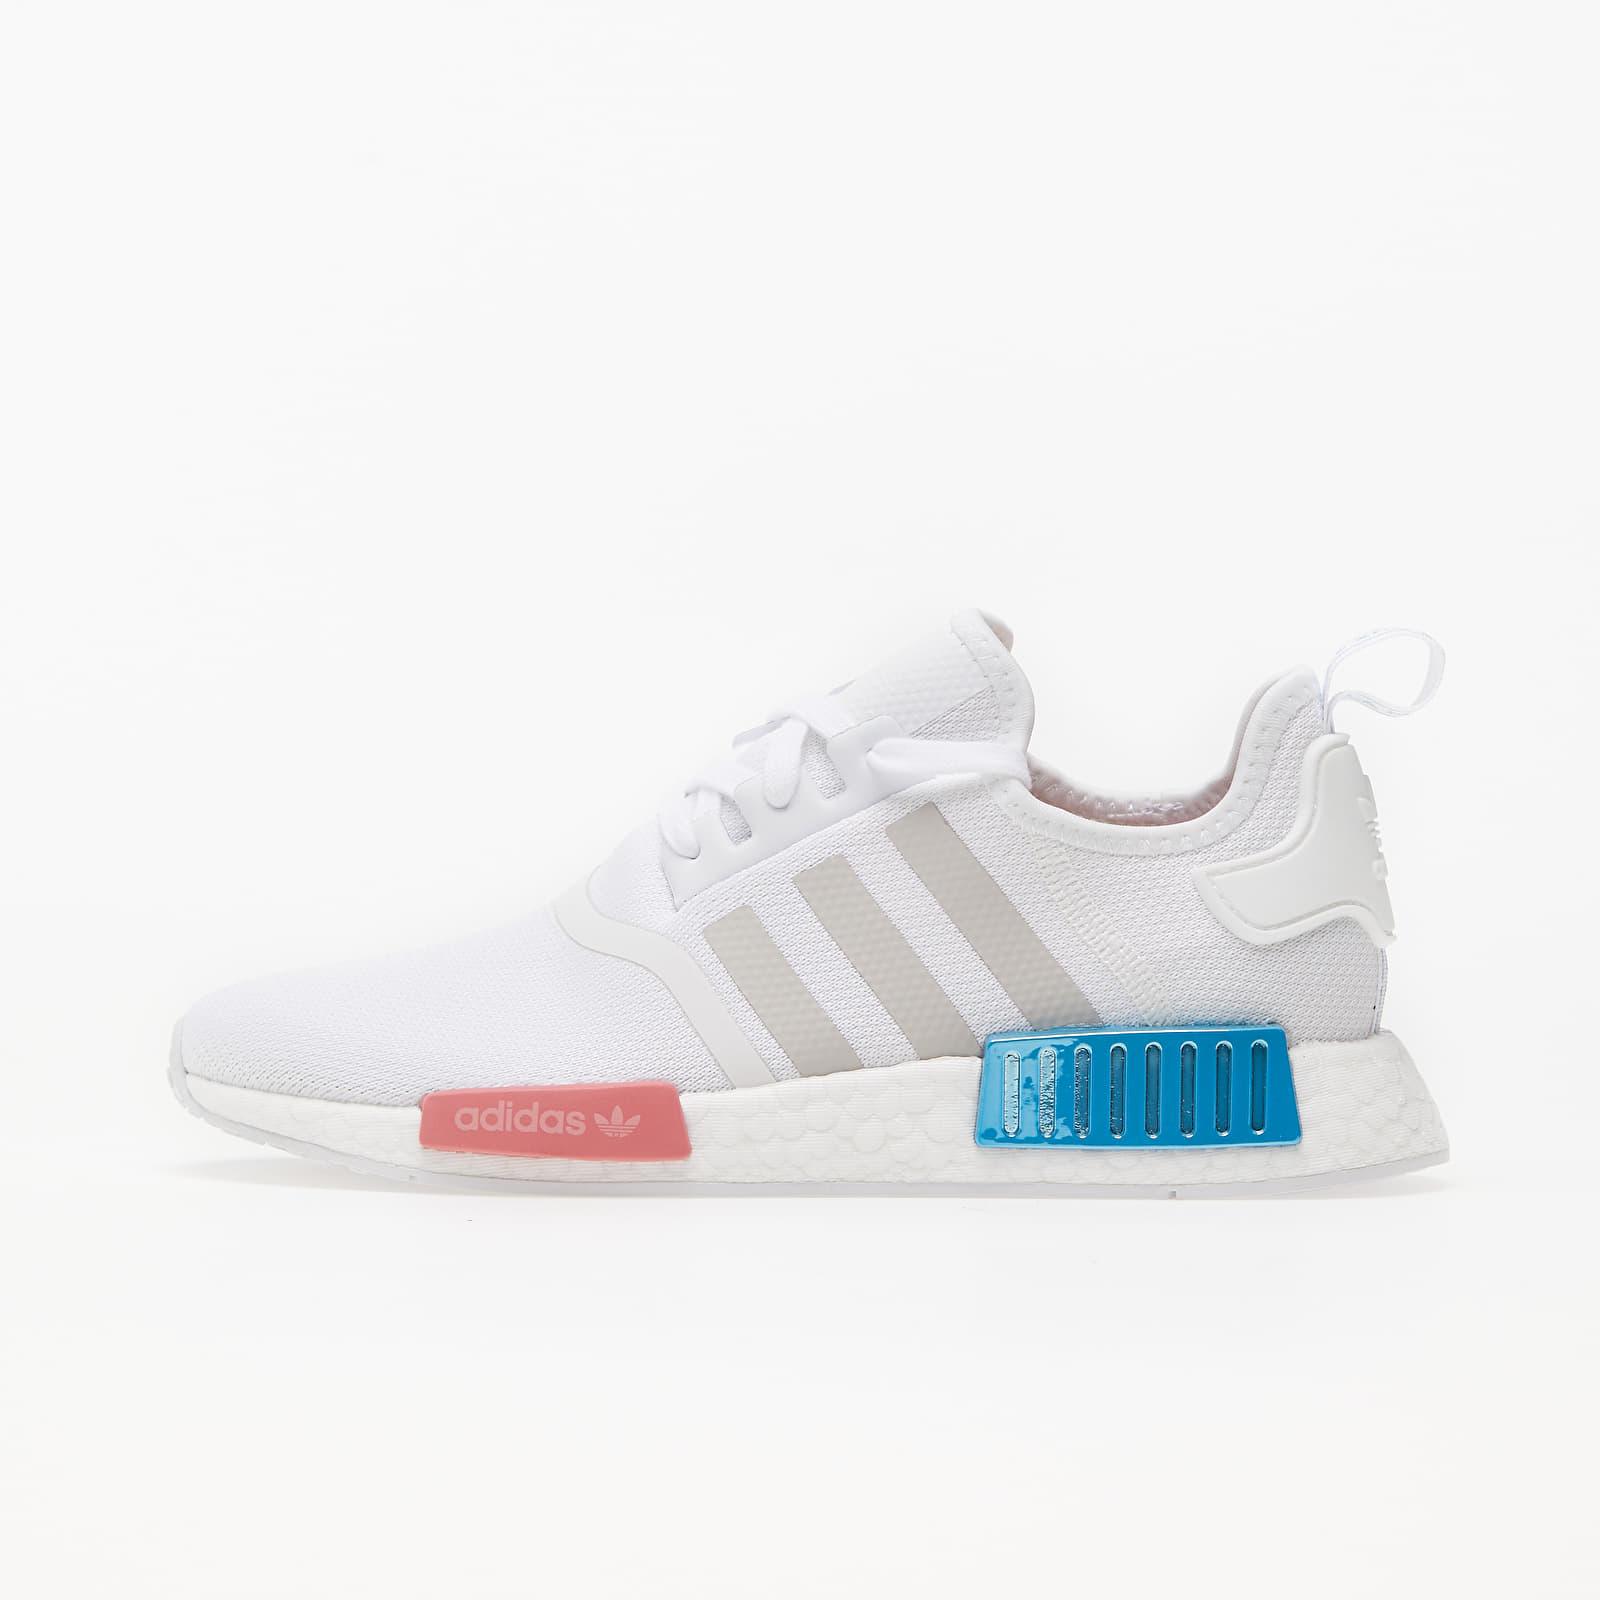 adidas NMD_R1 W Ftwr White/ Grey One/ Hazy Rose EUR 40